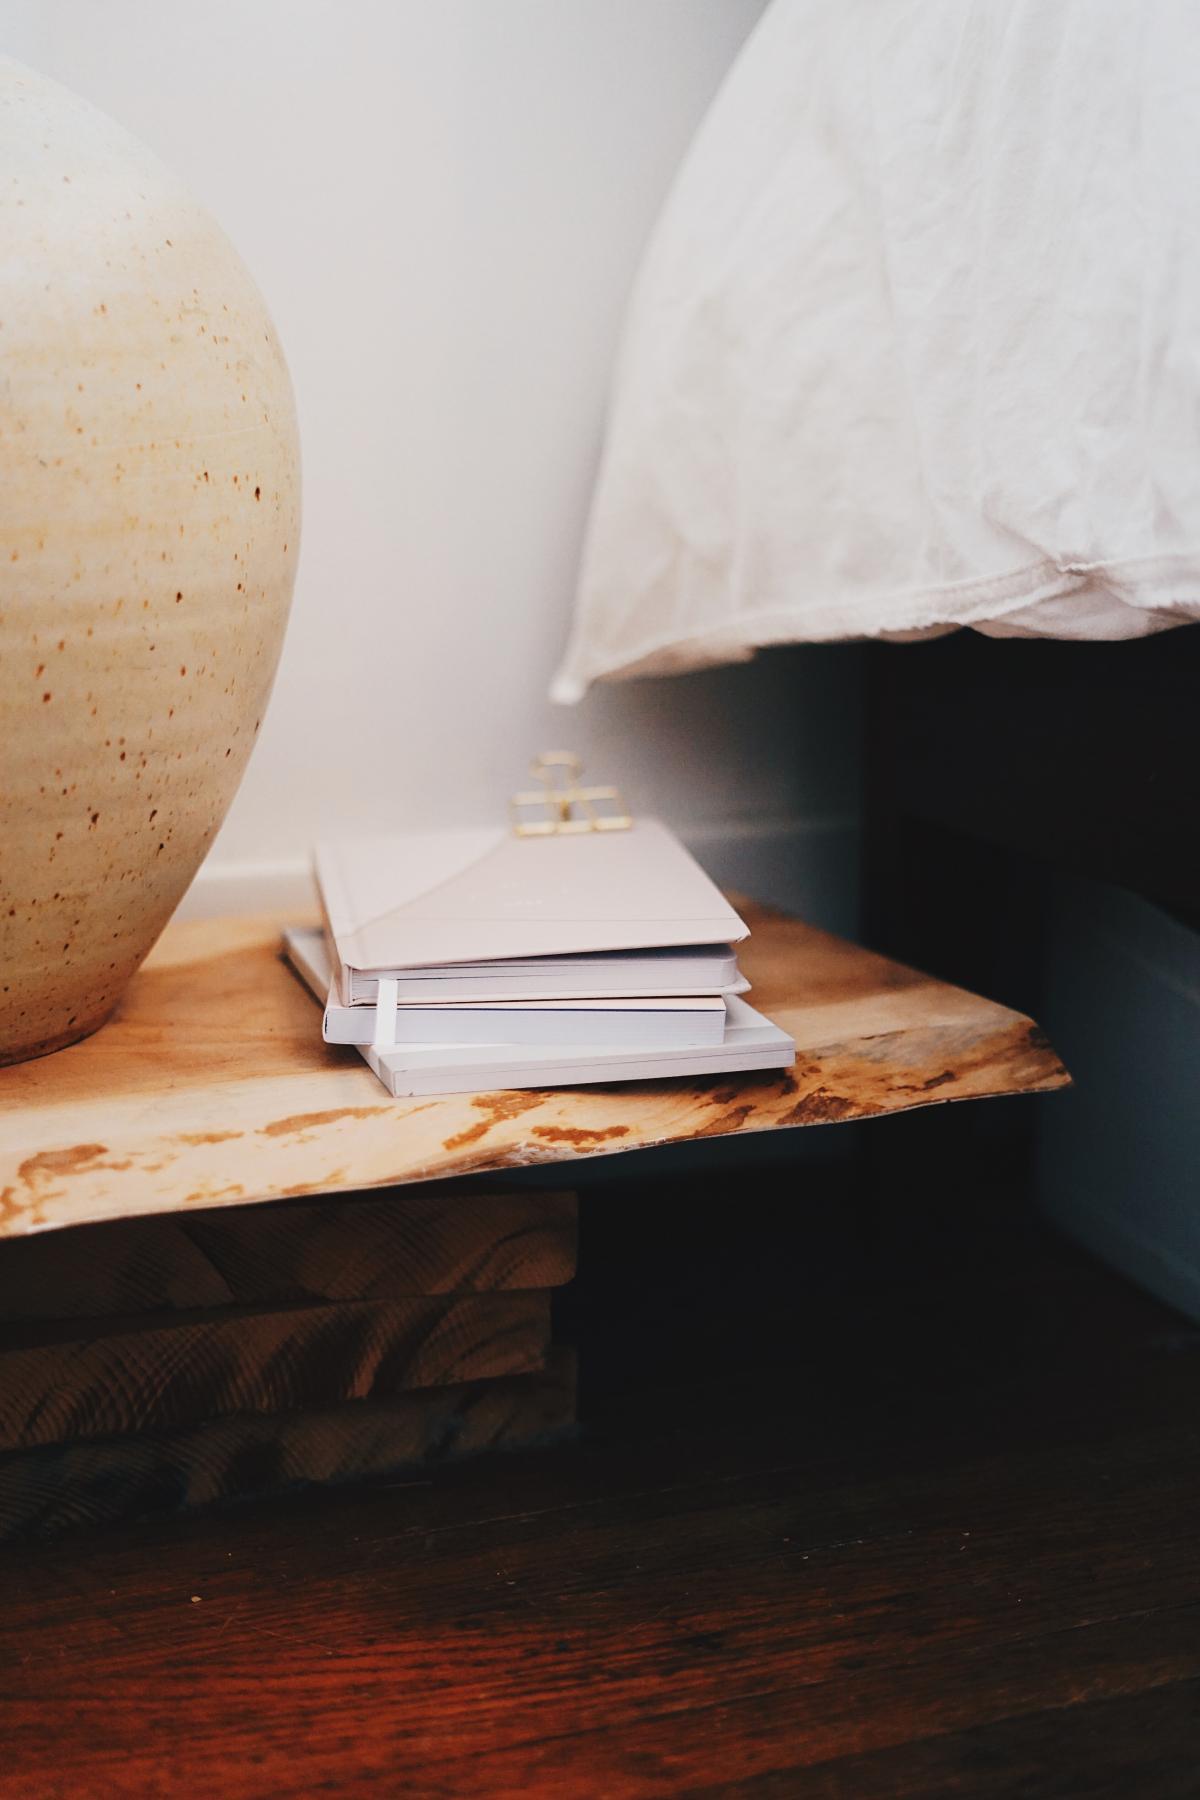 Furniture Laptop Table lamp #278285